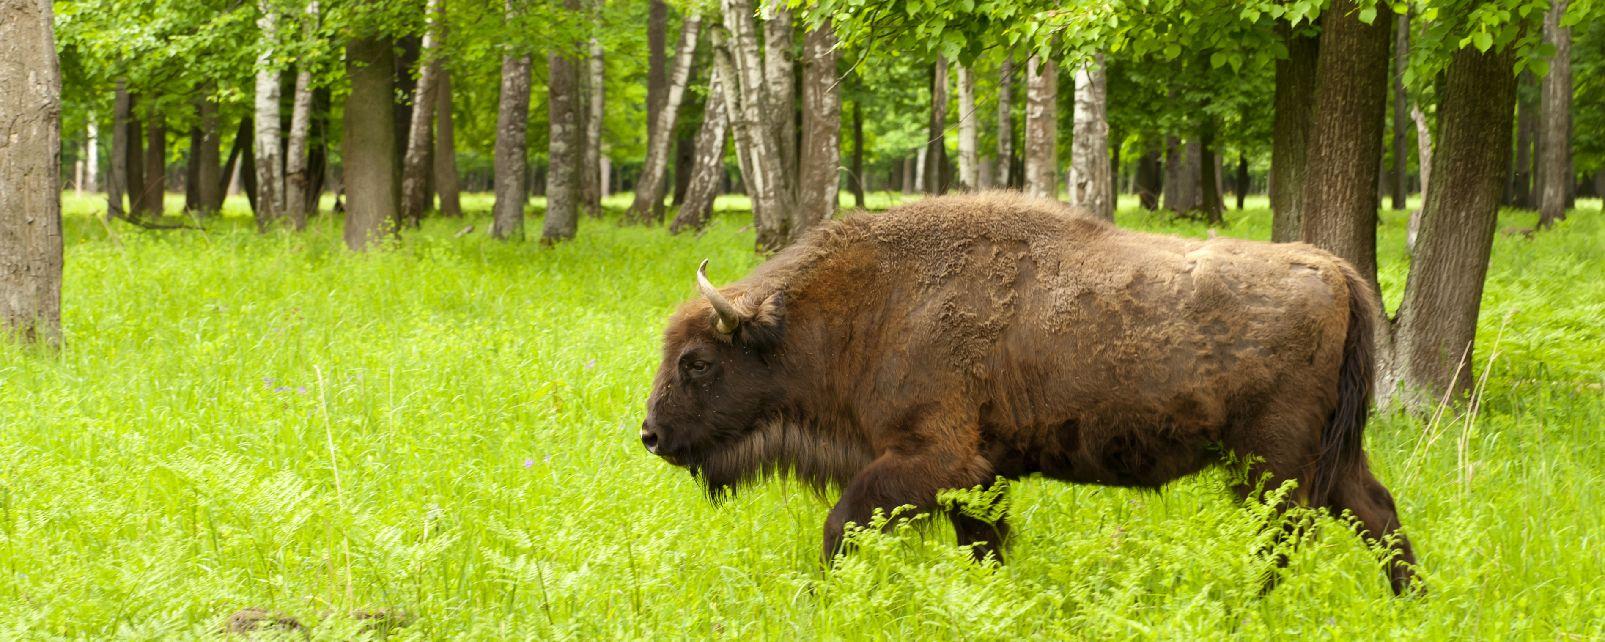 Vom Ausstreben bedrohte Arten , Vom Aussterben bedrohte Arten , Polen